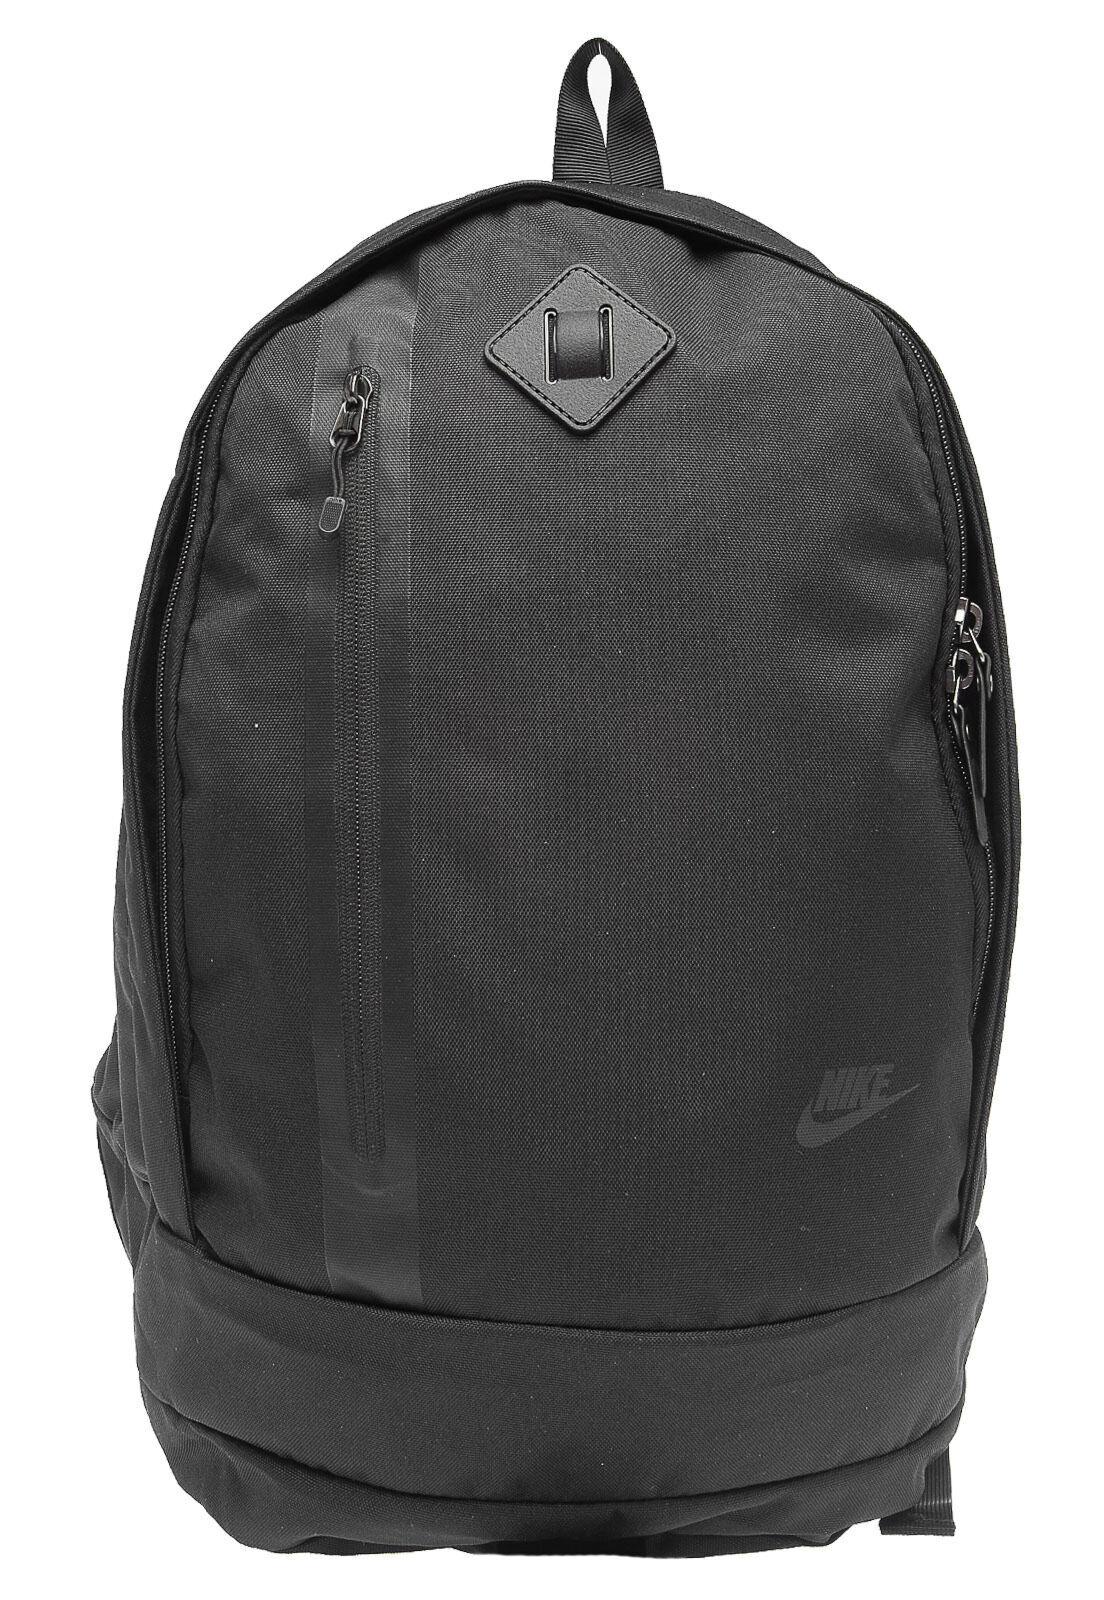 Mochila Nike Sportswear – Preta com compartimento pra Notebook e ... d8fe295071a18